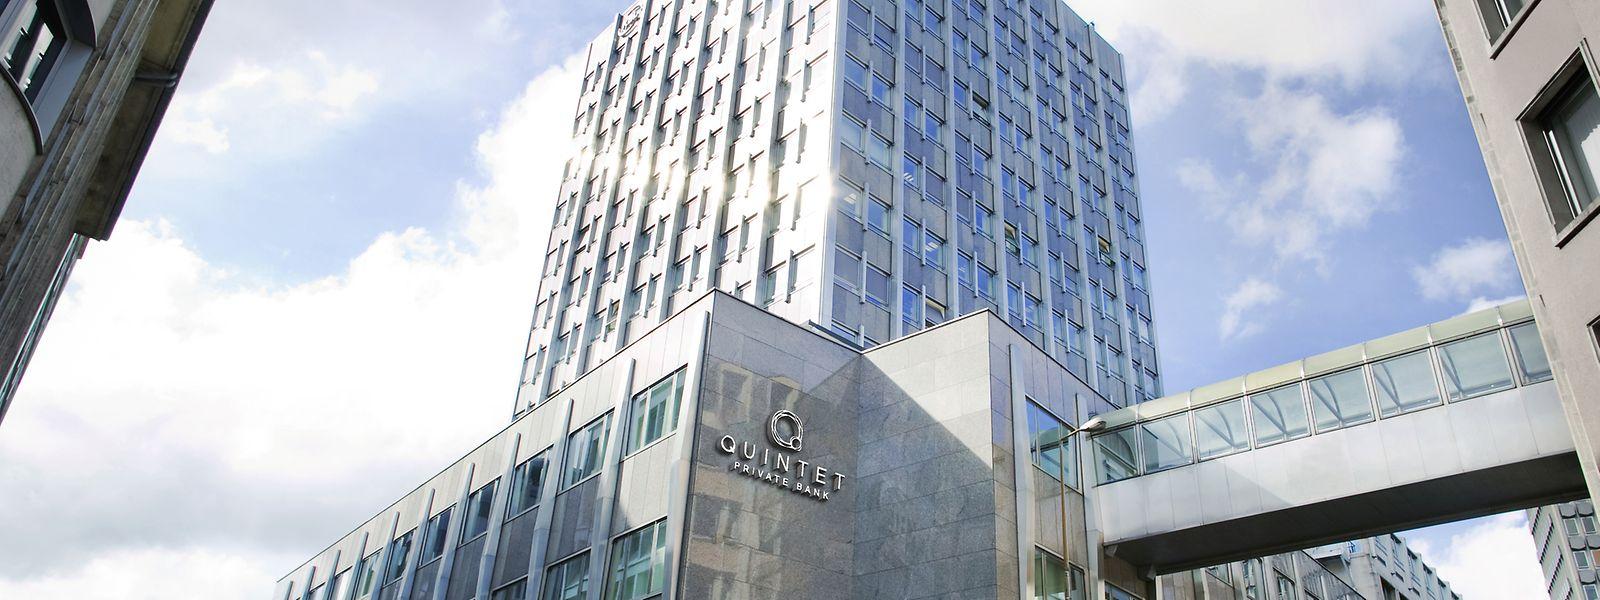 La banque privée basée à Luxembourg affiche une perte de 43,7 millions d'euros pour l'exercice écoulé